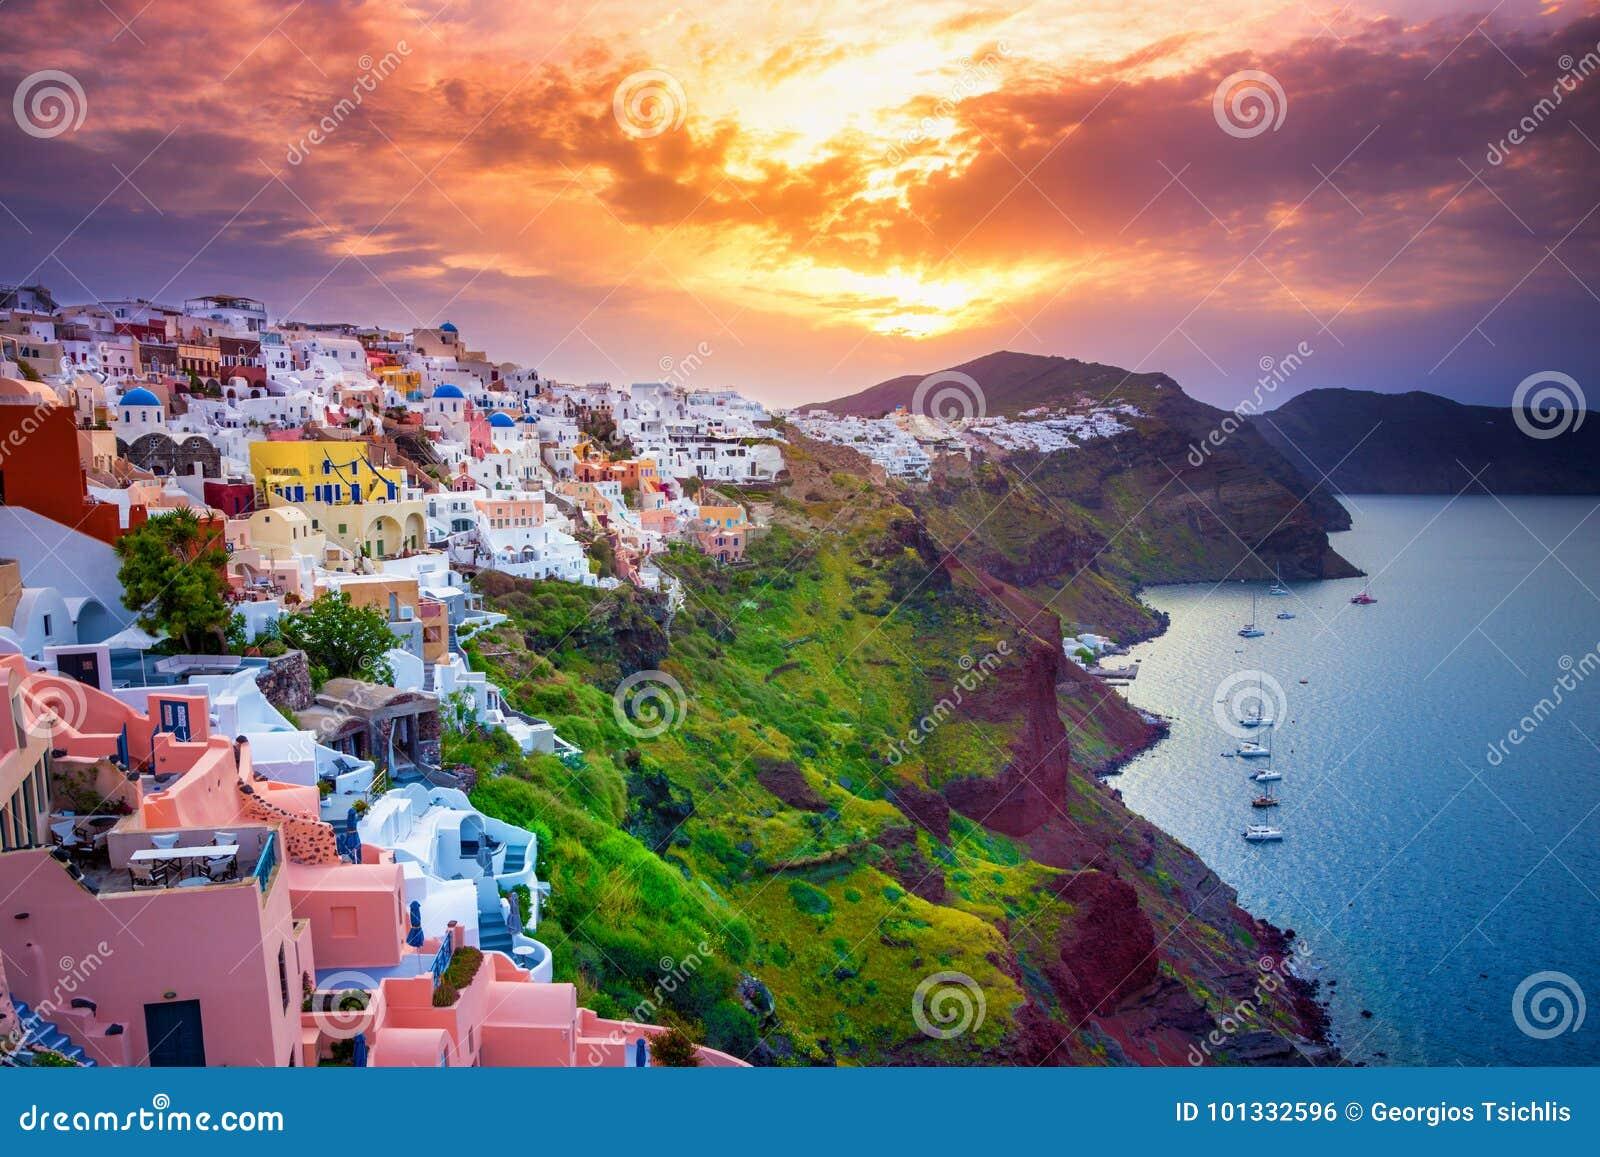 Ciudad de Oia en la isla de Santorini, Grecia Casas e iglesias tradicionales y famosas con las bóvedas azules sobre la caldera